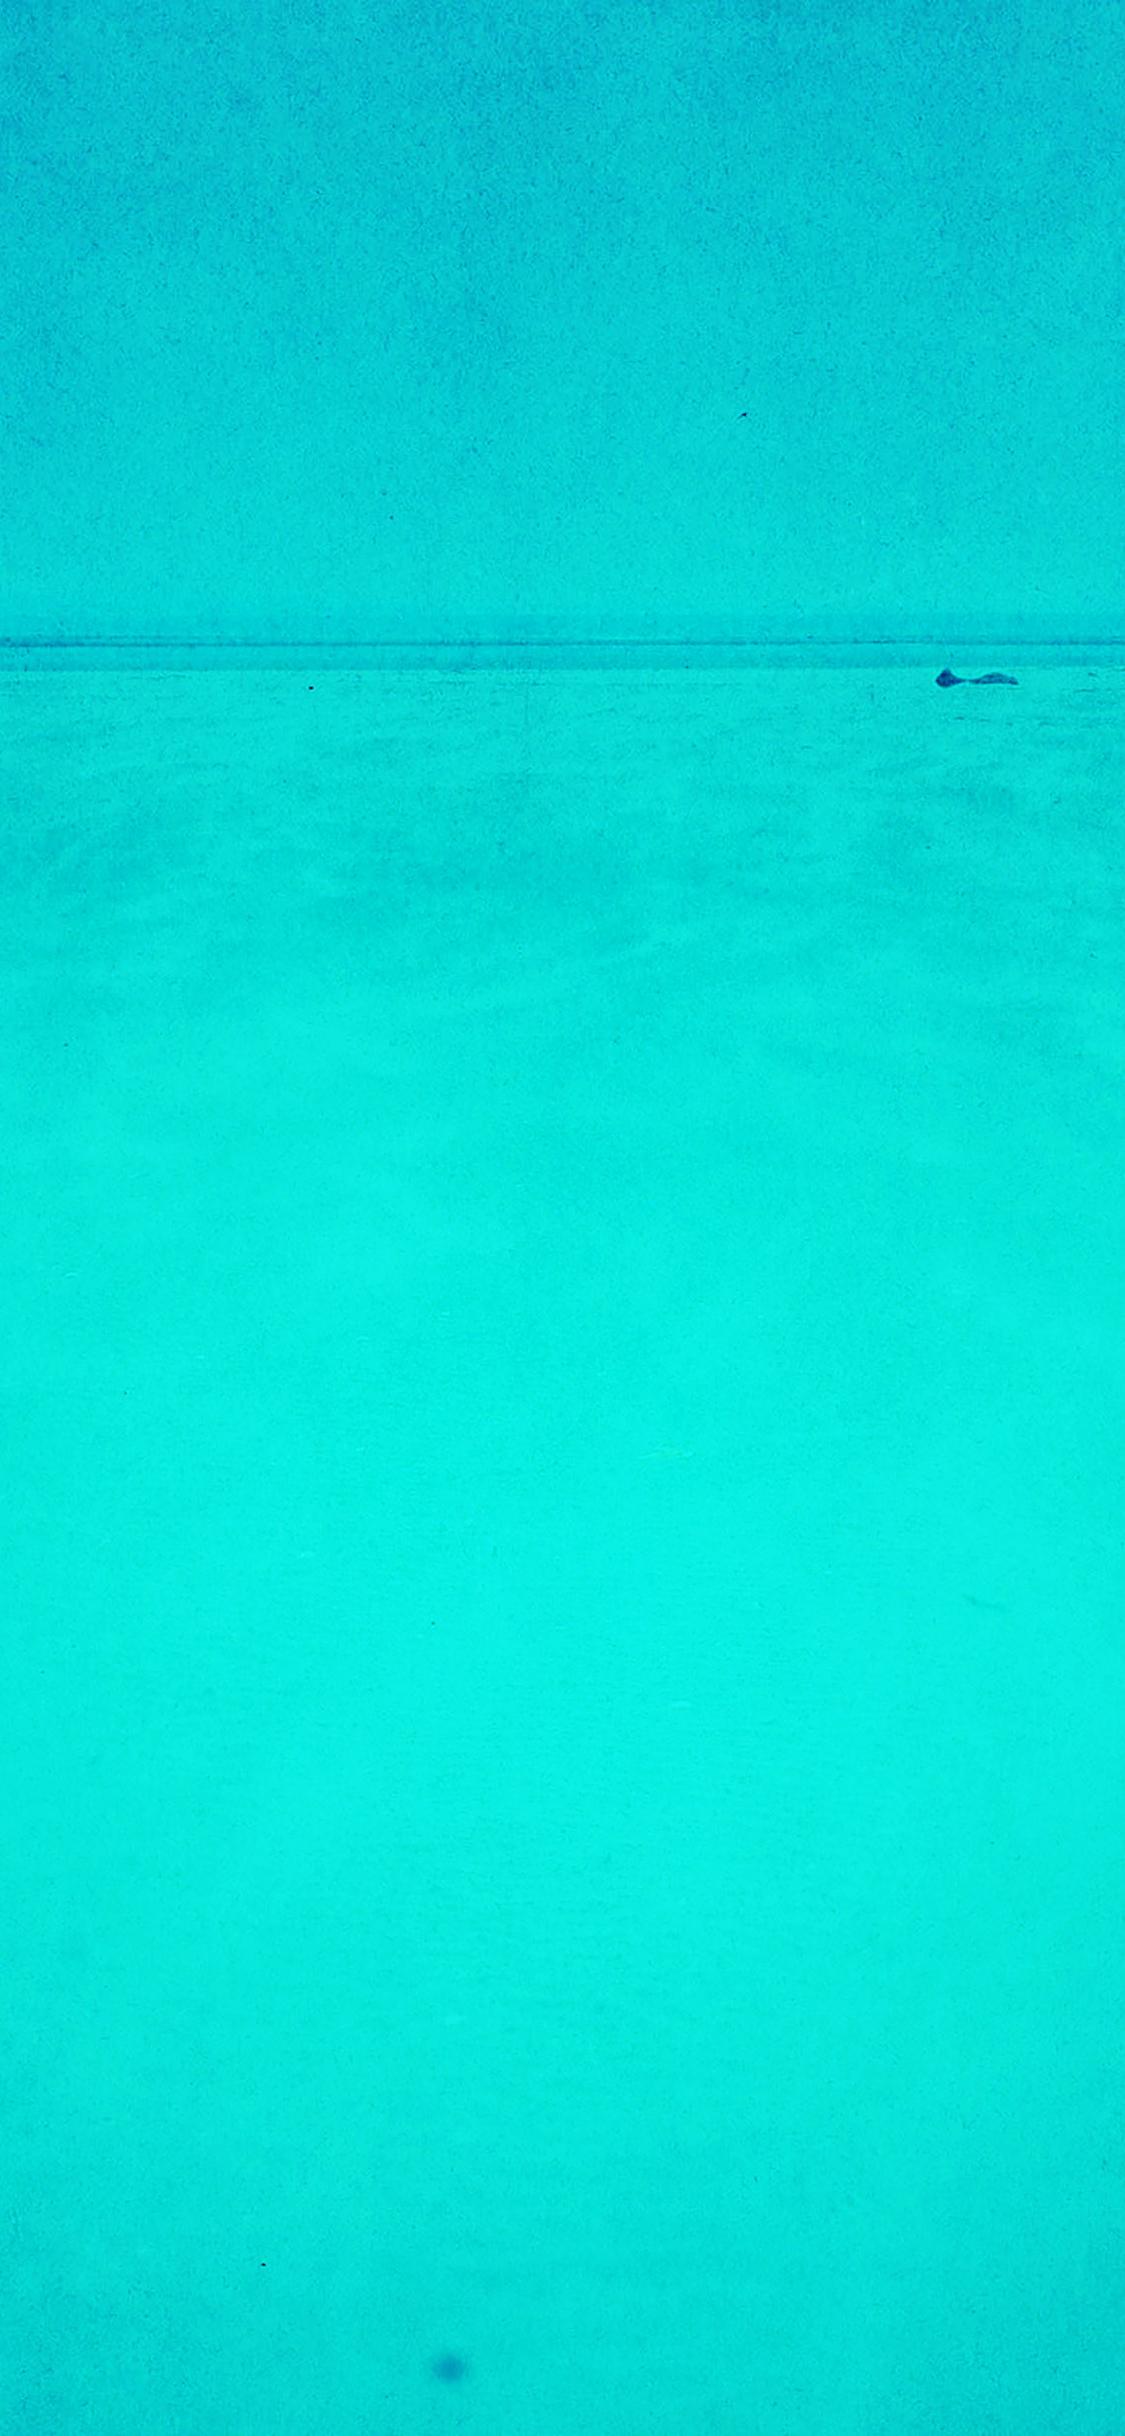 iPhoneXpapers.com-Apple-iPhone-wallpaper-mc21-wallpaper-green-sea-minimal